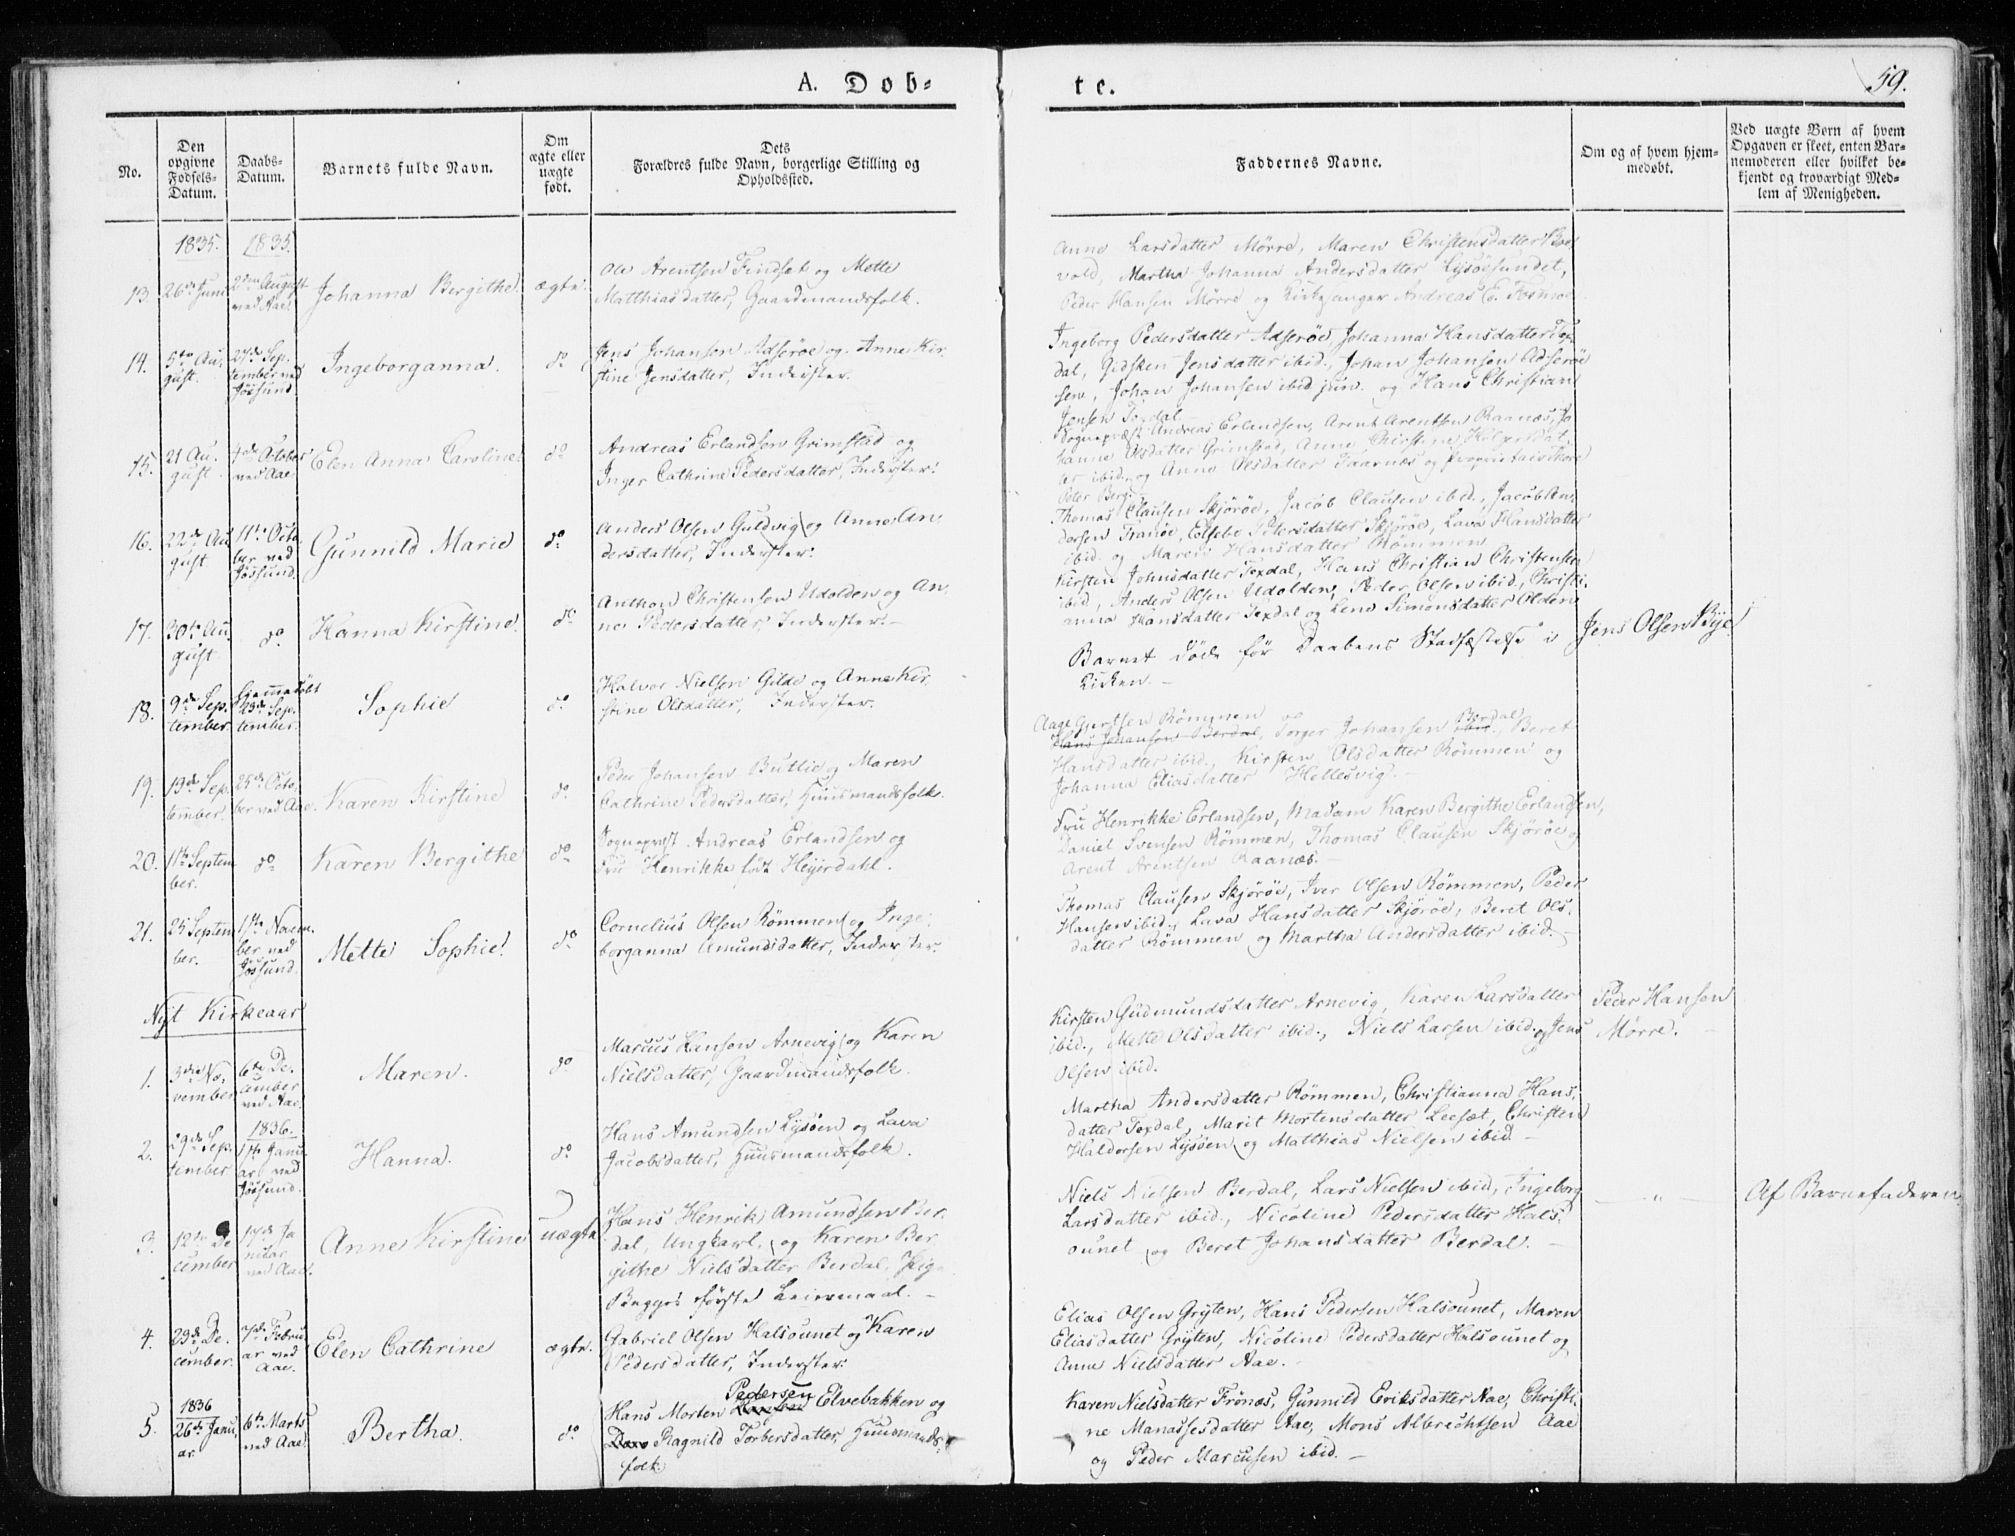 SAT, Ministerialprotokoller, klokkerbøker og fødselsregistre - Sør-Trøndelag, 655/L0676: Ministerialbok nr. 655A05, 1830-1847, s. 59